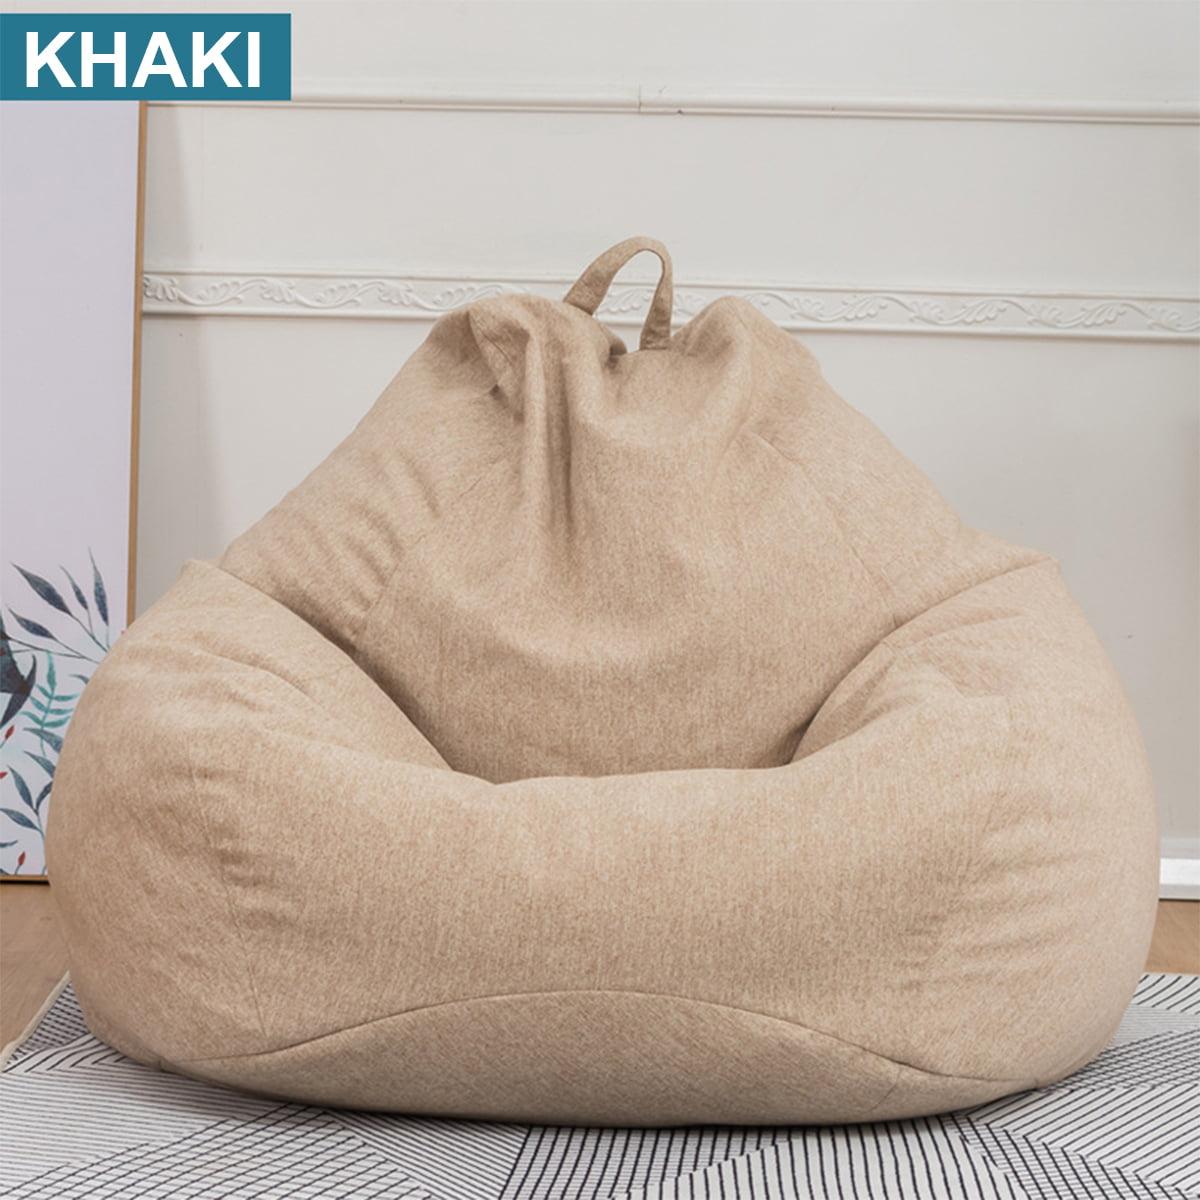 Meigar 39.4x47.2'' Extra Large Bean Bag Chair Sofa Cover ...